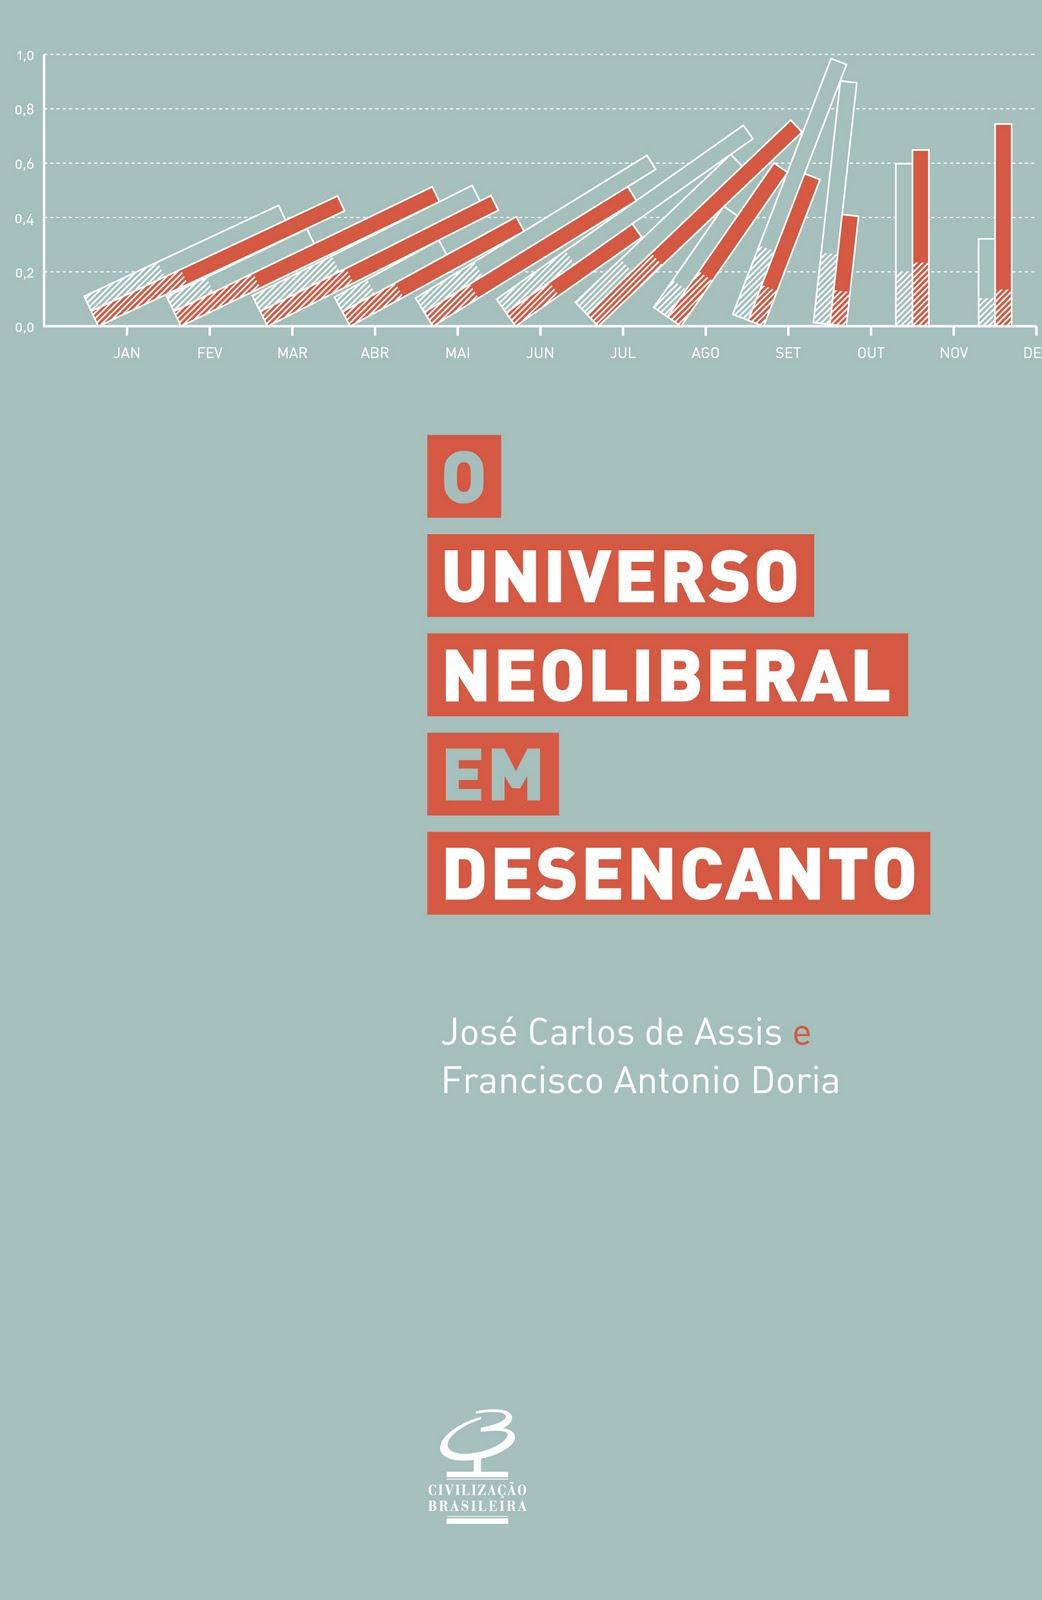 Os trs brasileiros que refutaram as bases do neoliberalismo ggn o livro o universo neoliberal do desencanto do economista jos carlos de assis e do matemtico francisco antonio doria traz uma histria extraordinria fandeluxe Choice Image